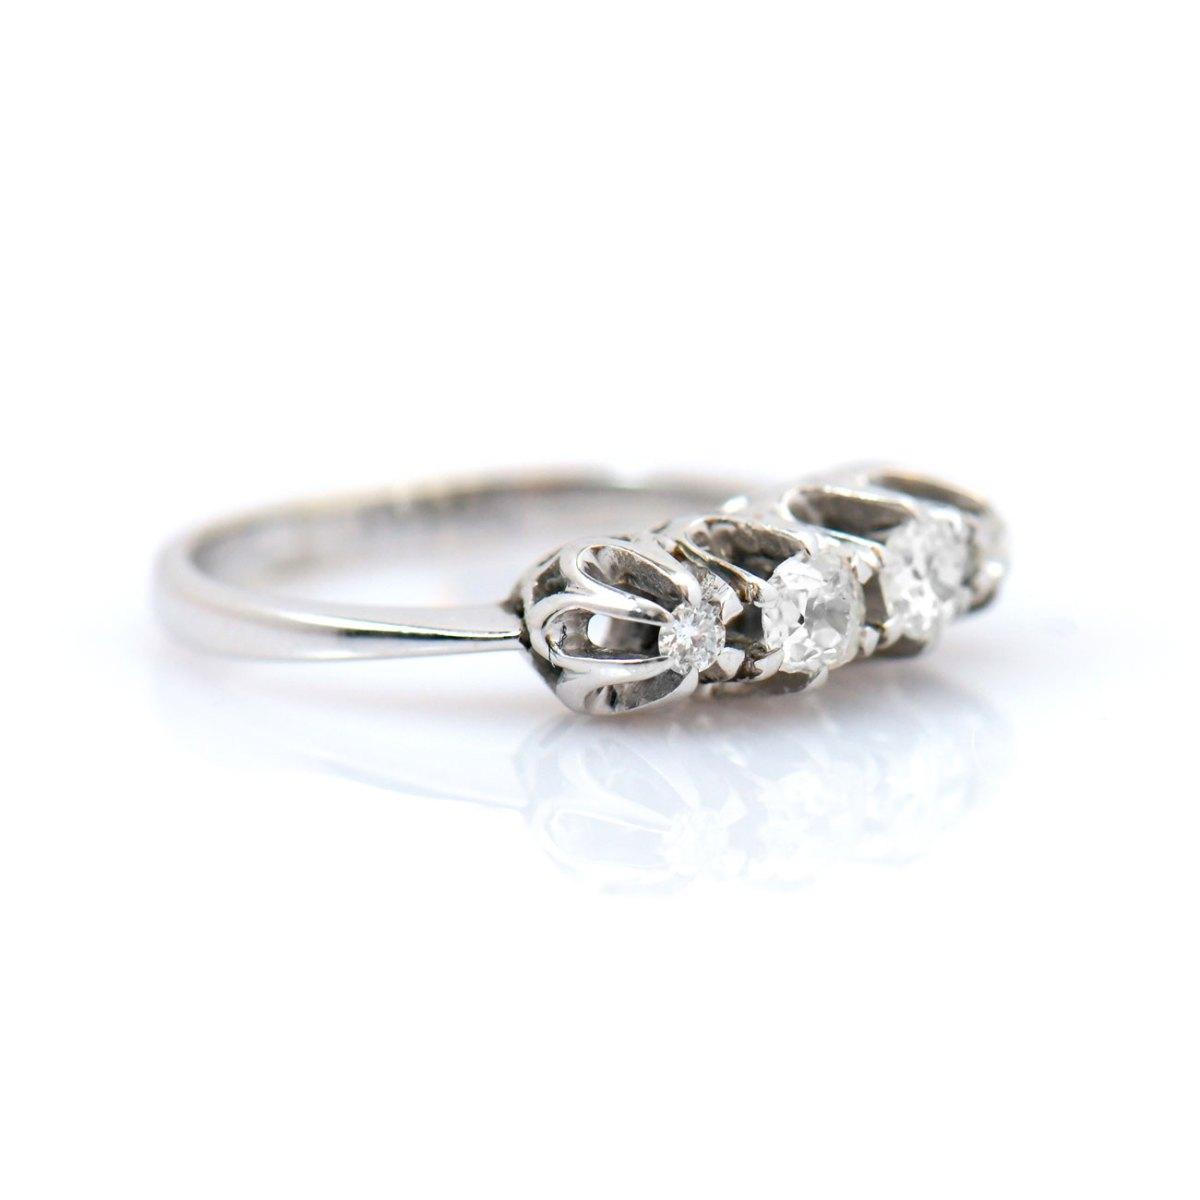 Bague diamants 0,60ct, 3 diamants taille ancienne serti griffes sur or blanc 750 ‰, taille 53 | Réf. BA-B18333 | EVENOR Joaillerie • Bijoux Vintage